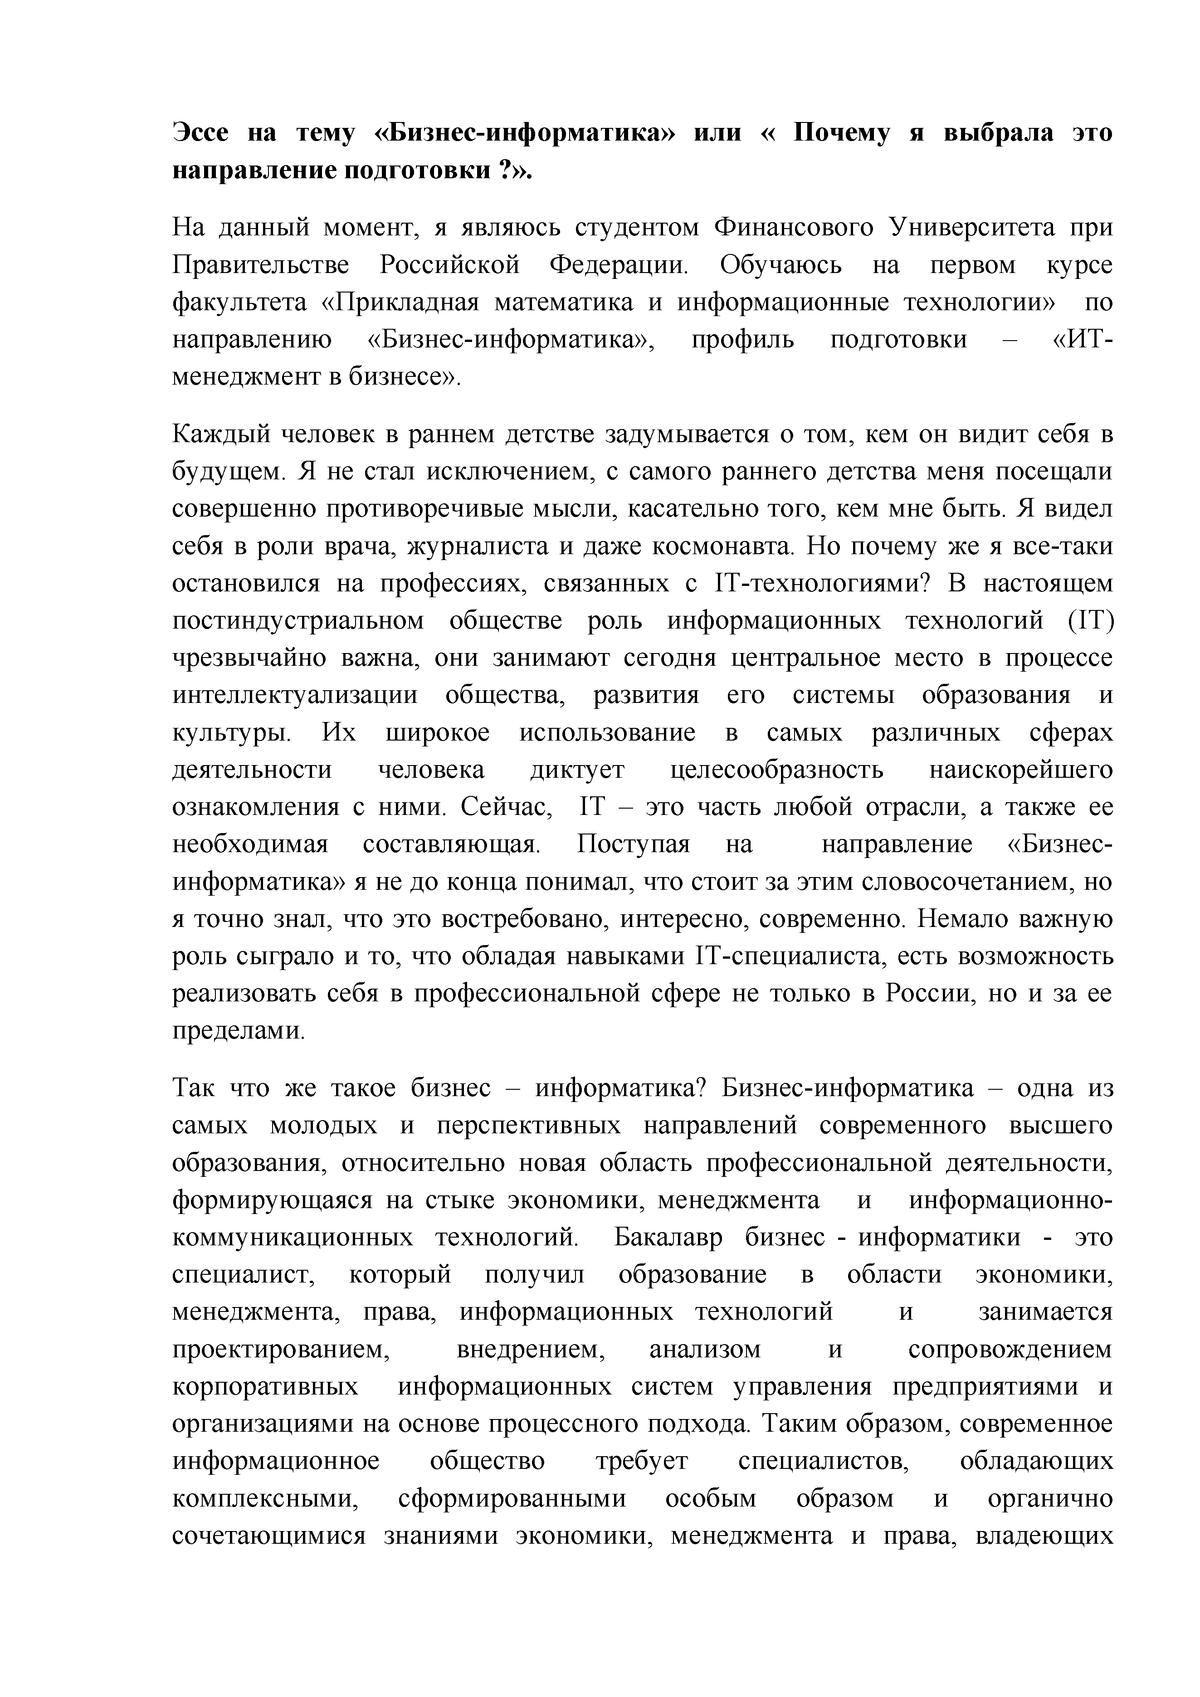 Эссе на тему информатика в моей профессии 953